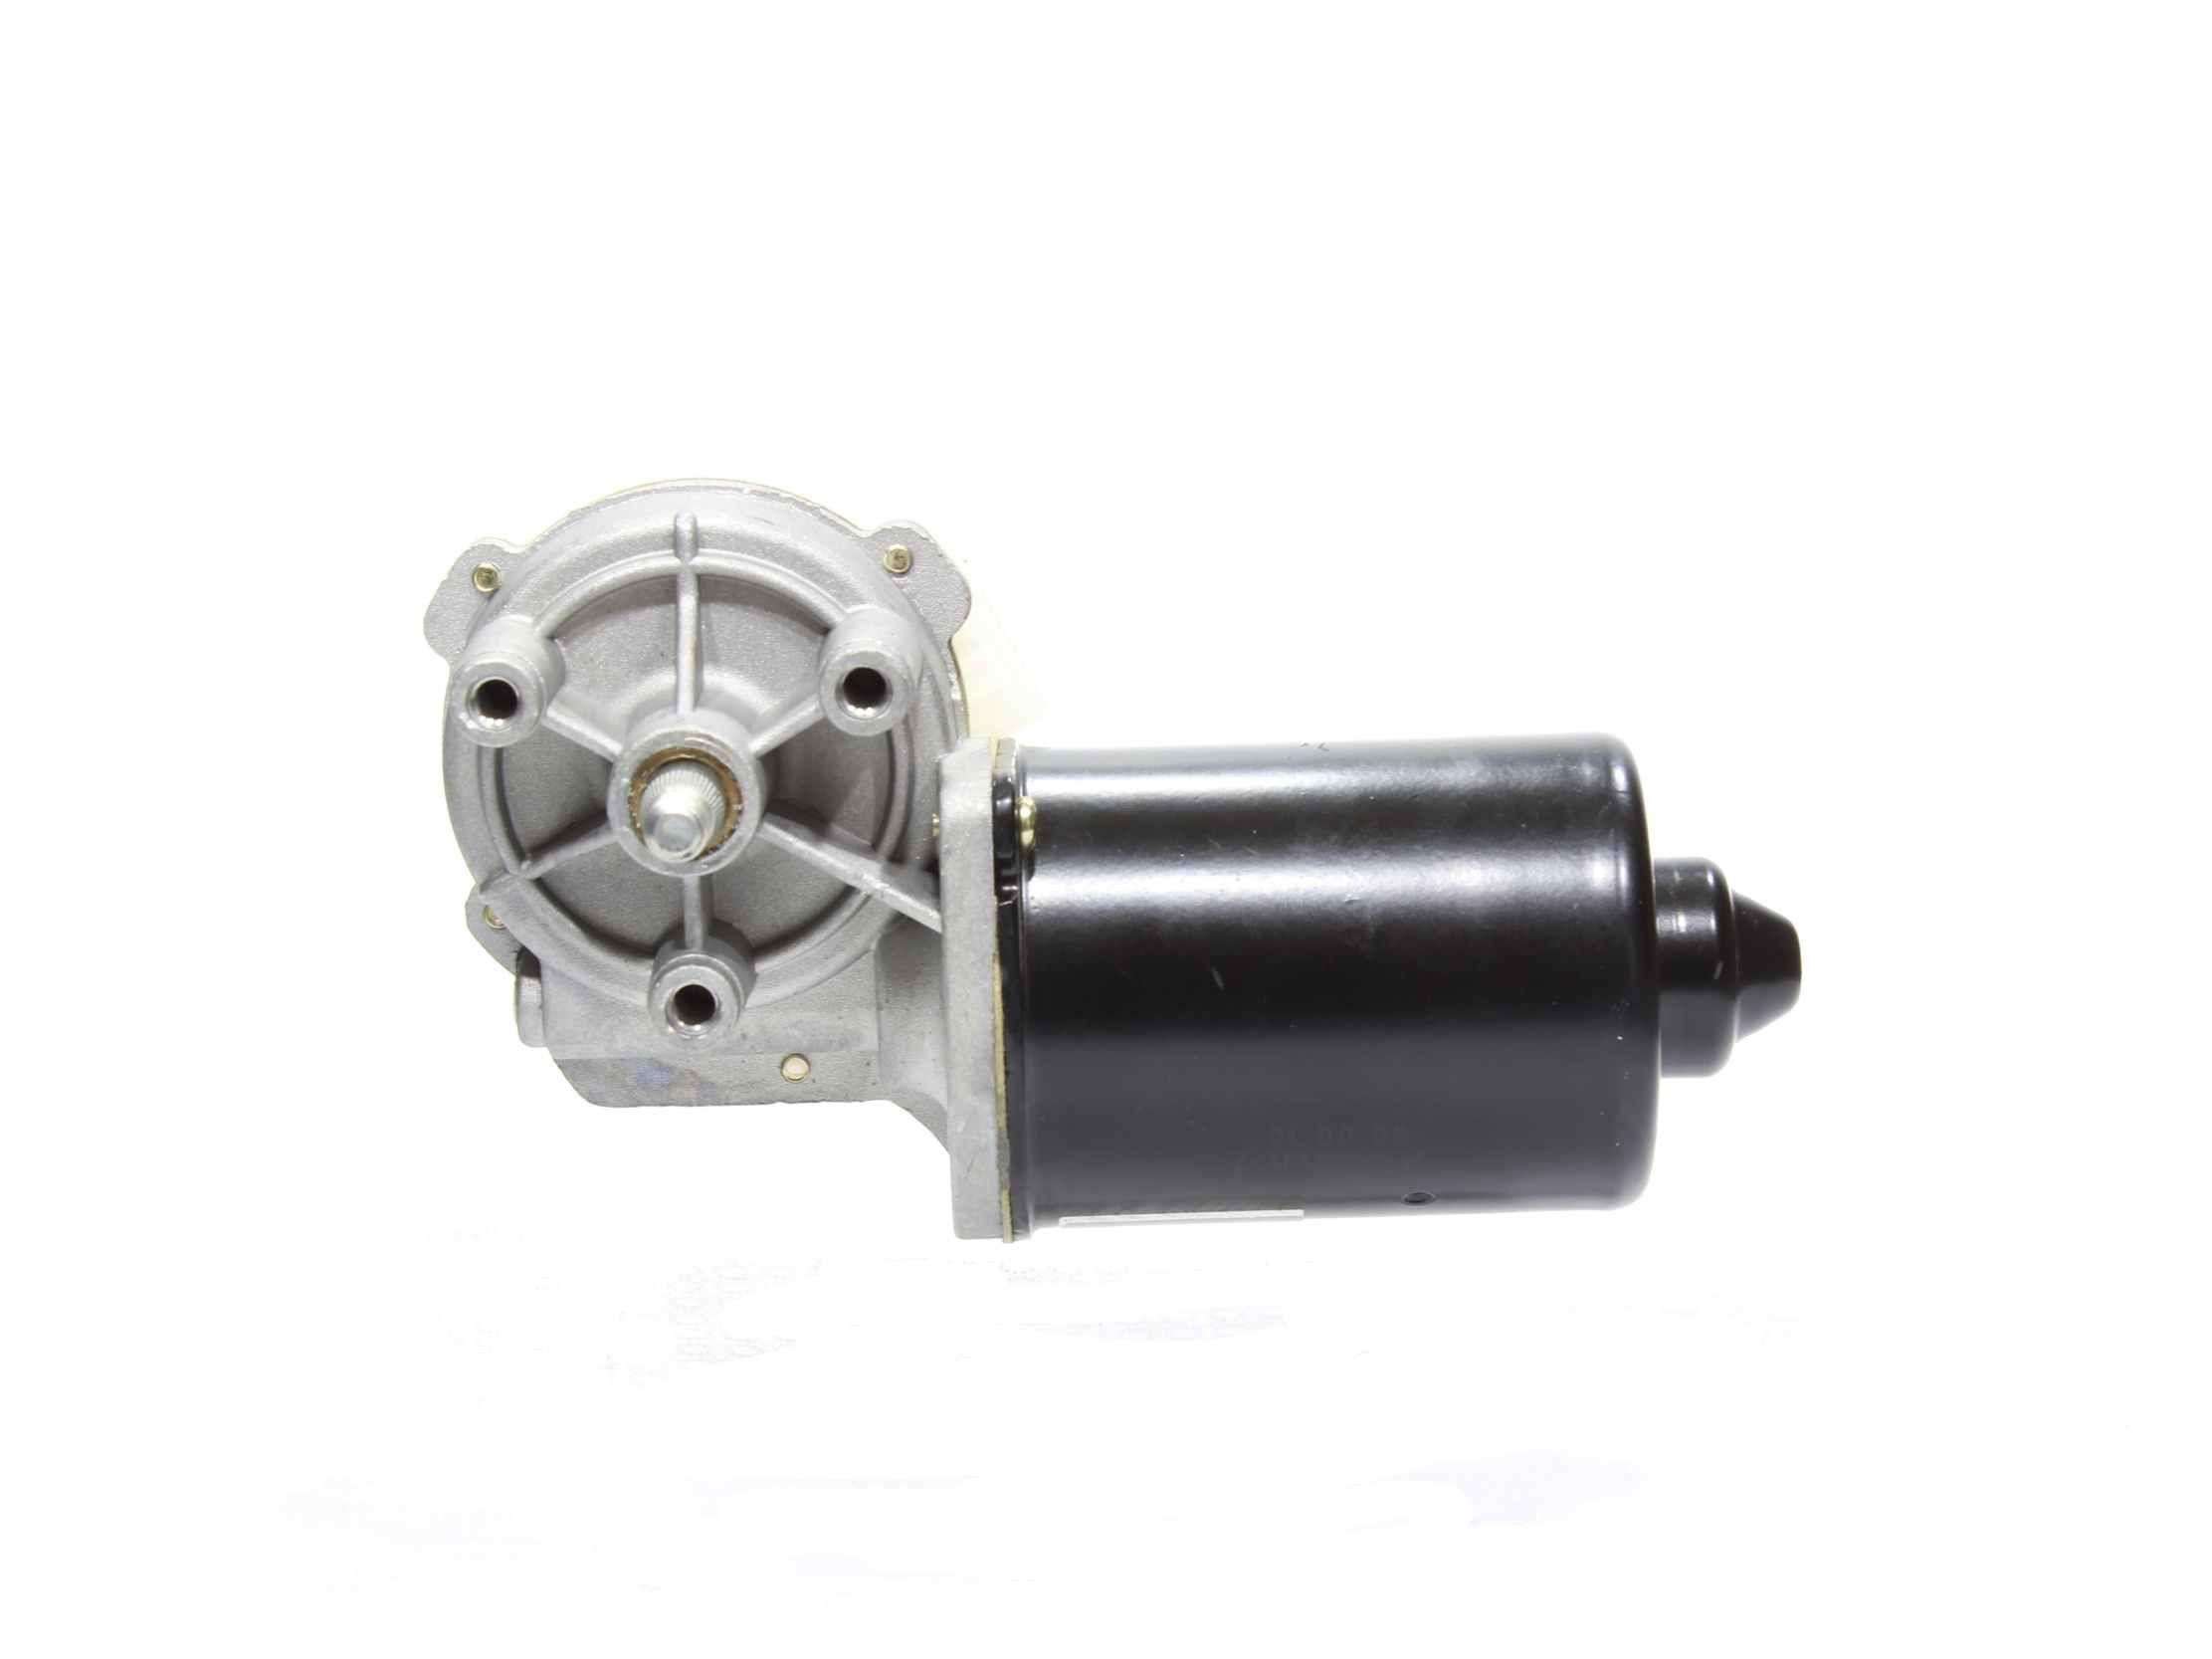 Scheibenwischermotor 10800010 ALANKO 800010 in Original Qualität